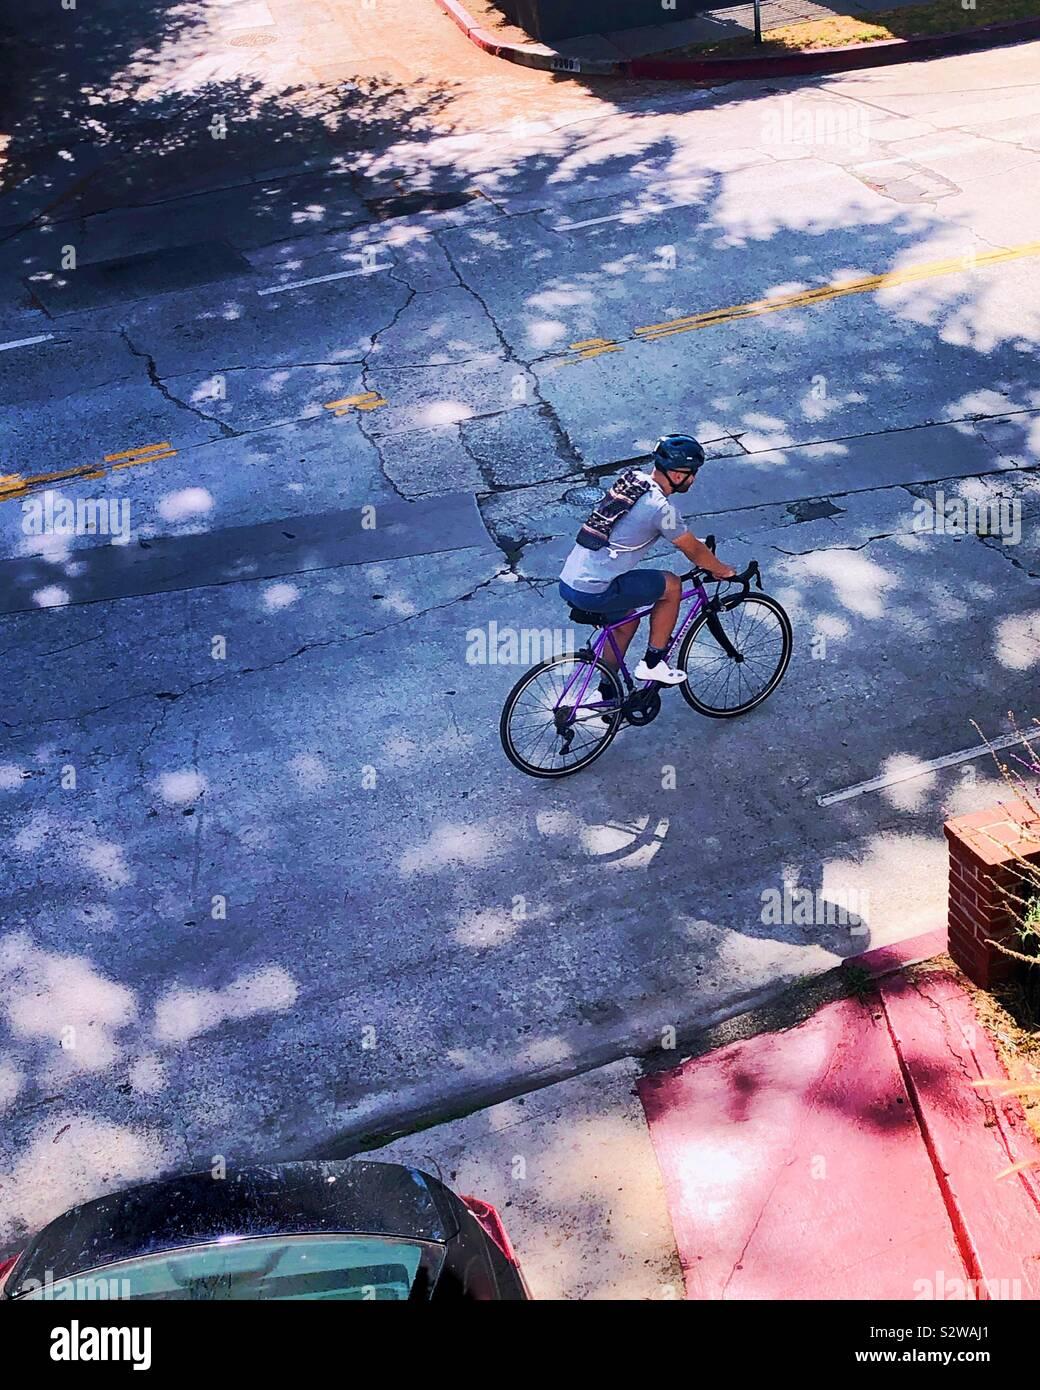 Un lone ciclista pompe fino la salita ripida nella parte anteriore della nostra terrazza. Foto Stock